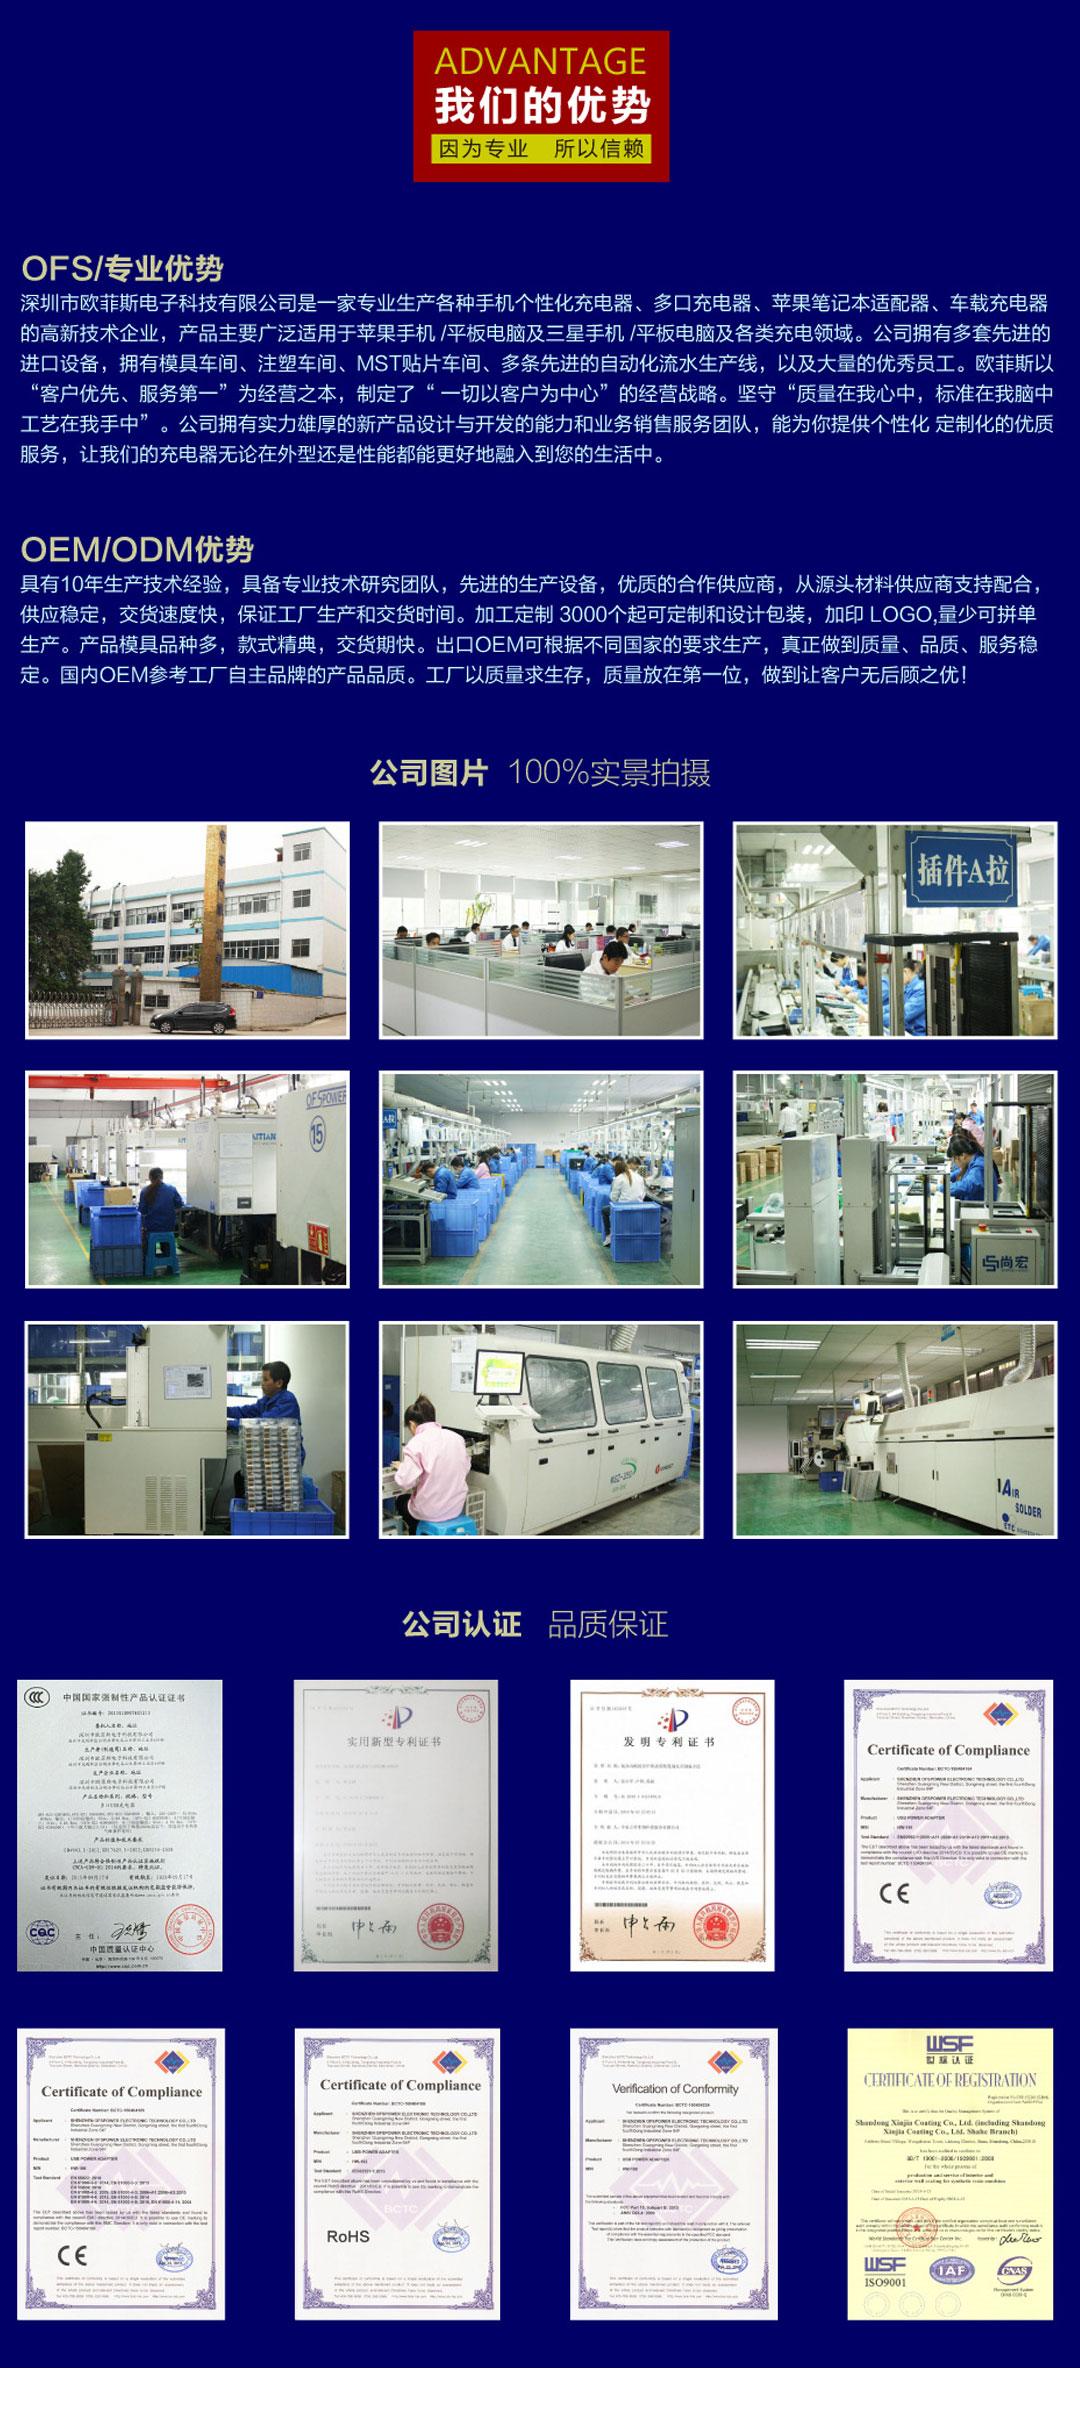 深圳市丽欧电子_关于我们-深圳市欧菲斯电子科技有限公司